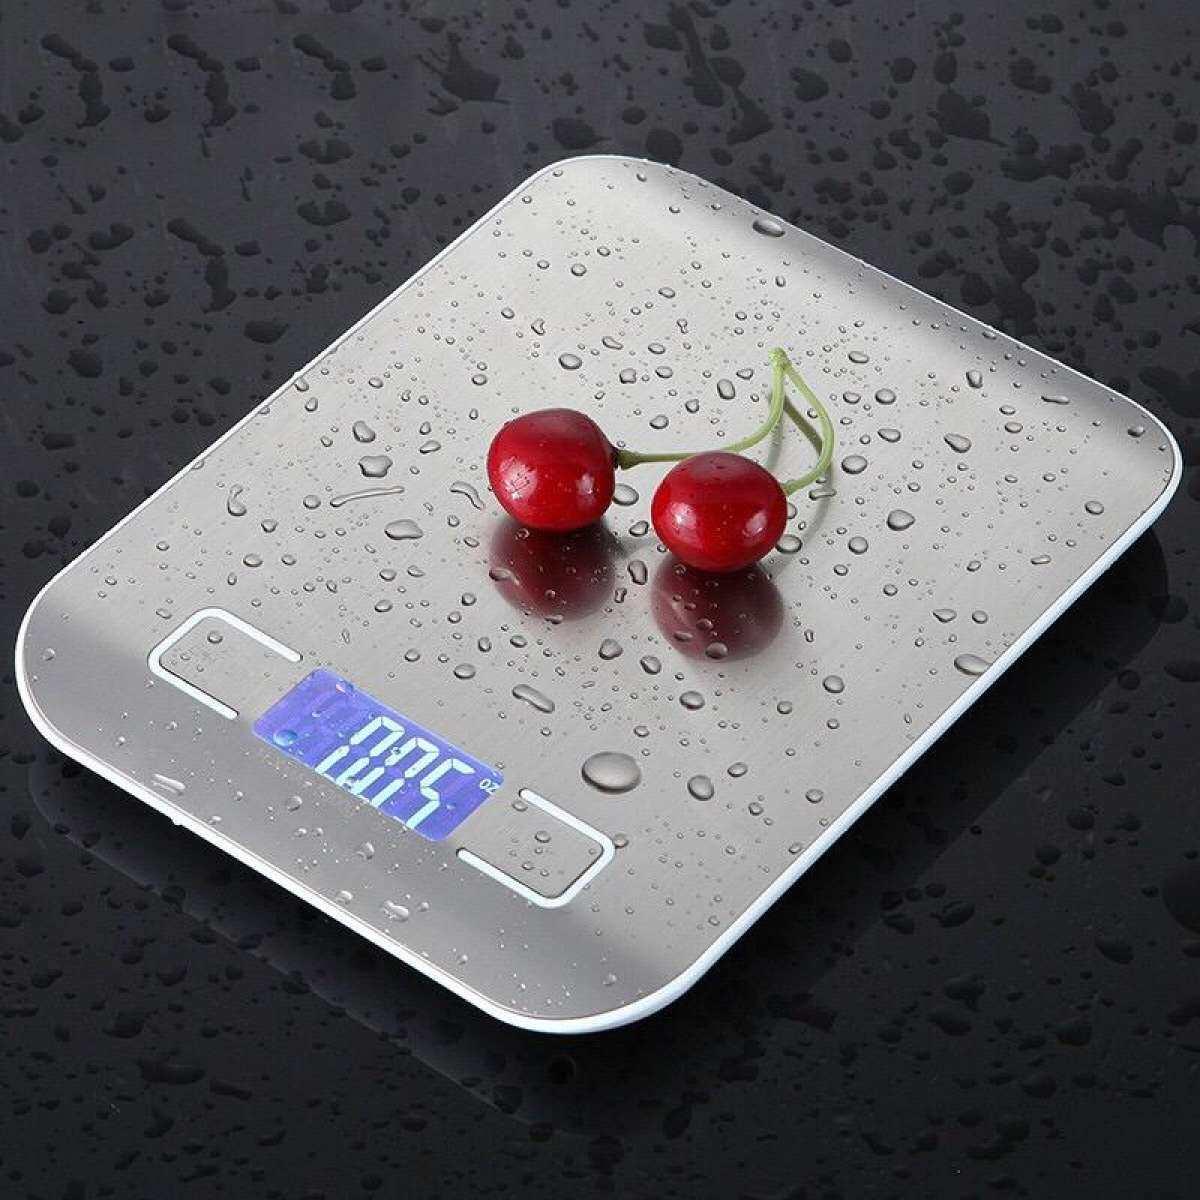 หม่ ! เครื่องชั่งดิจิตอล สูงสุด 5 กิโลกรัม Kitchen Scale Digital Scale เครื่องชั่งในครัว เครื่องชั่งอาหาร เครื่องชั่งขนม ตาชั่งดิจิตอล แบบพกพา เครื่องชั่ง ตาชั่ง ที่ชั่งอาหาร ตราชั่งดิจิตอล + แถมถ่าน.